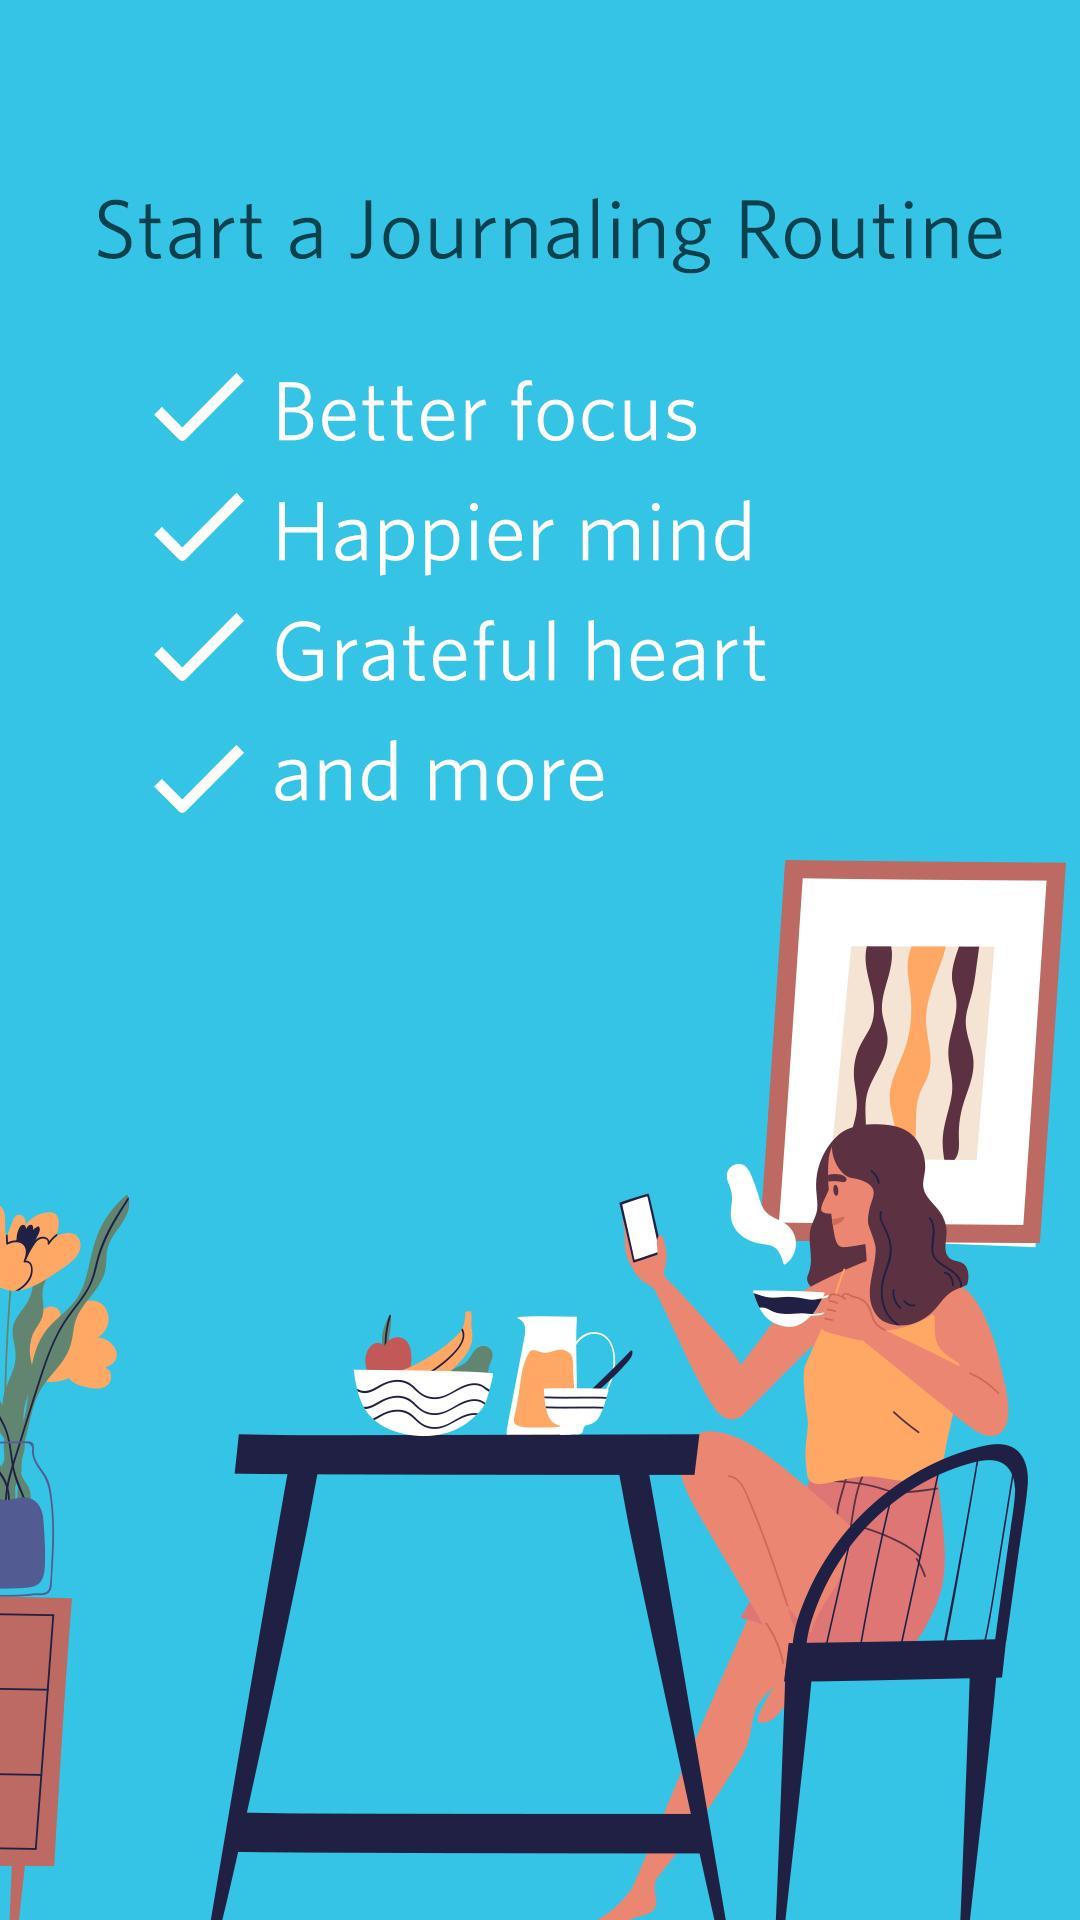 Journey Diary, Motivational Journal 3.4.5E Screenshot 3